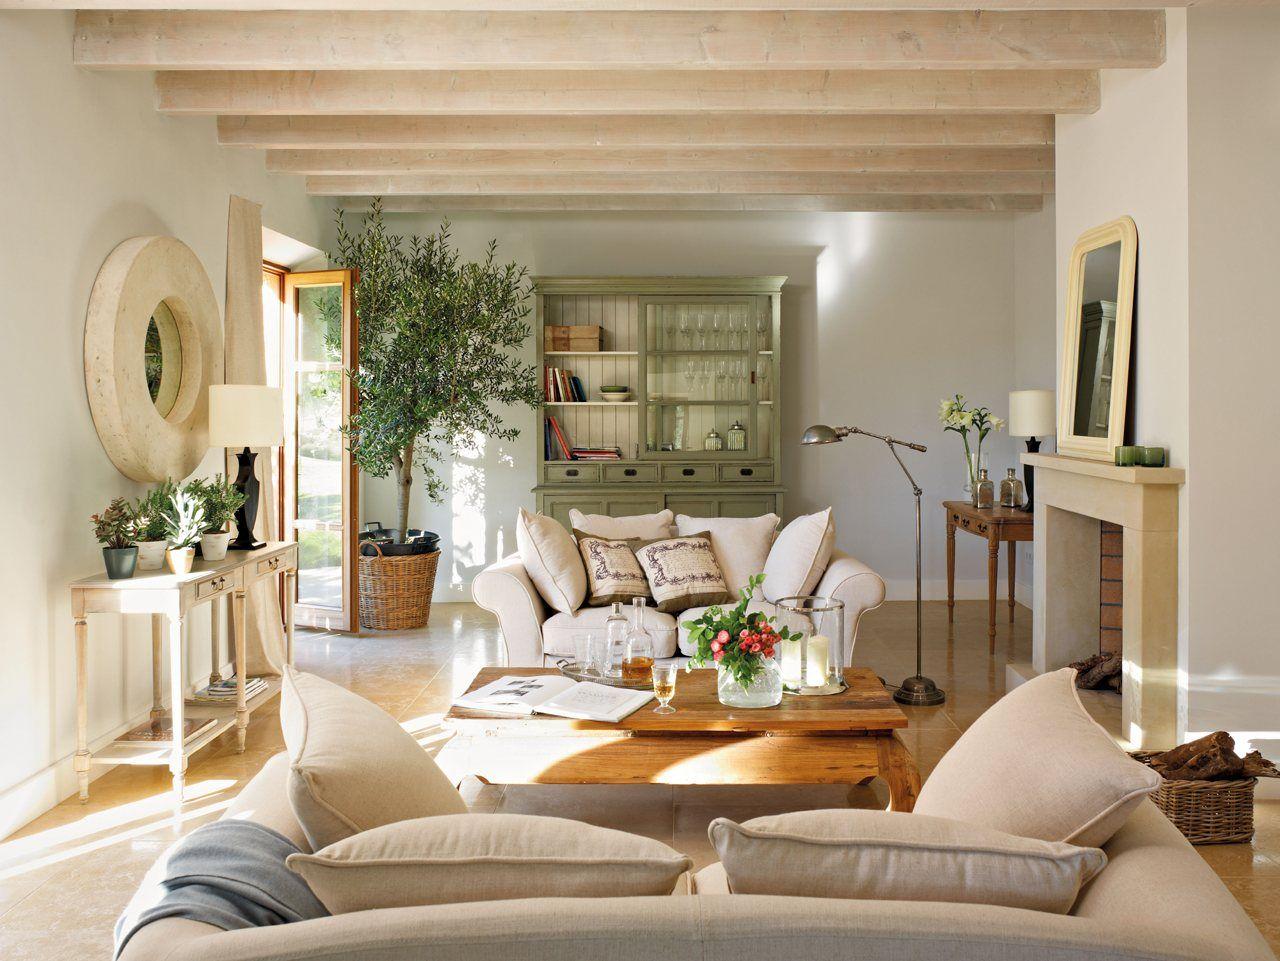 28 salones en los que disfrutar este verano sal n - Como decorar salones ...